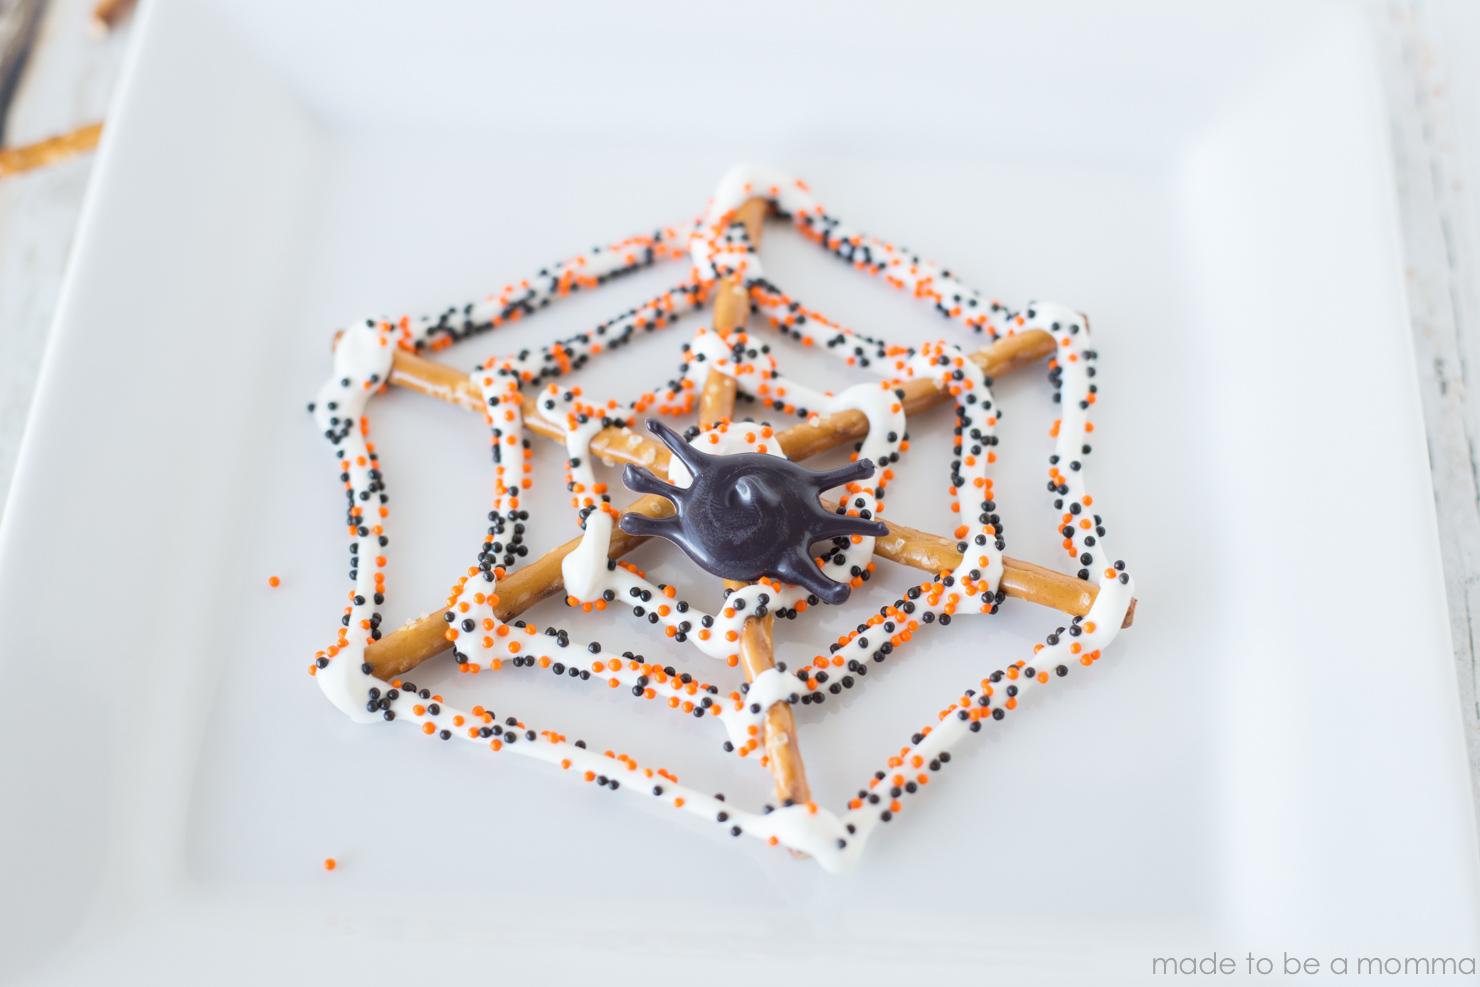 Spider Web Pretzels-15-2